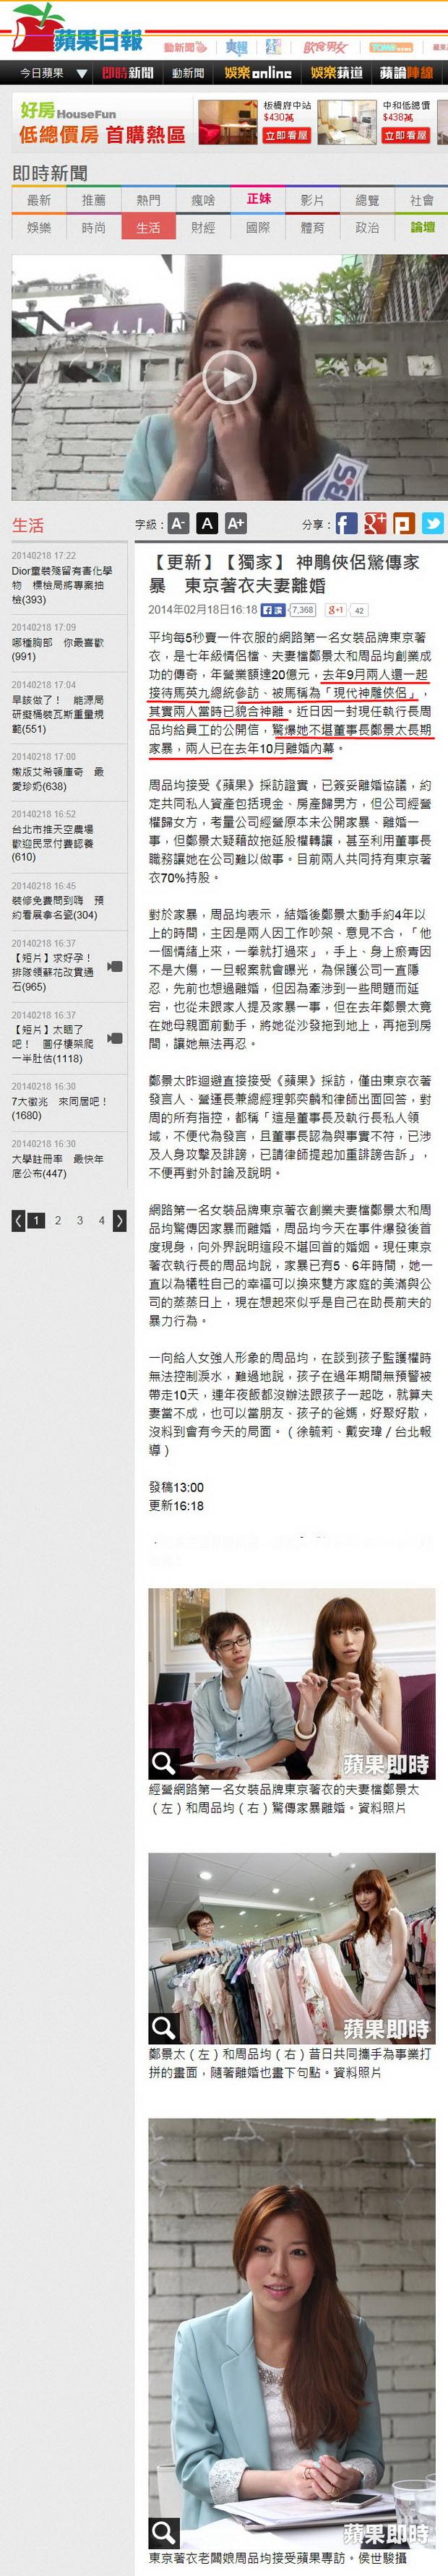 神鵰俠侶驚傳家暴東京著衣夫妻離婚-2014.02.18.jpg